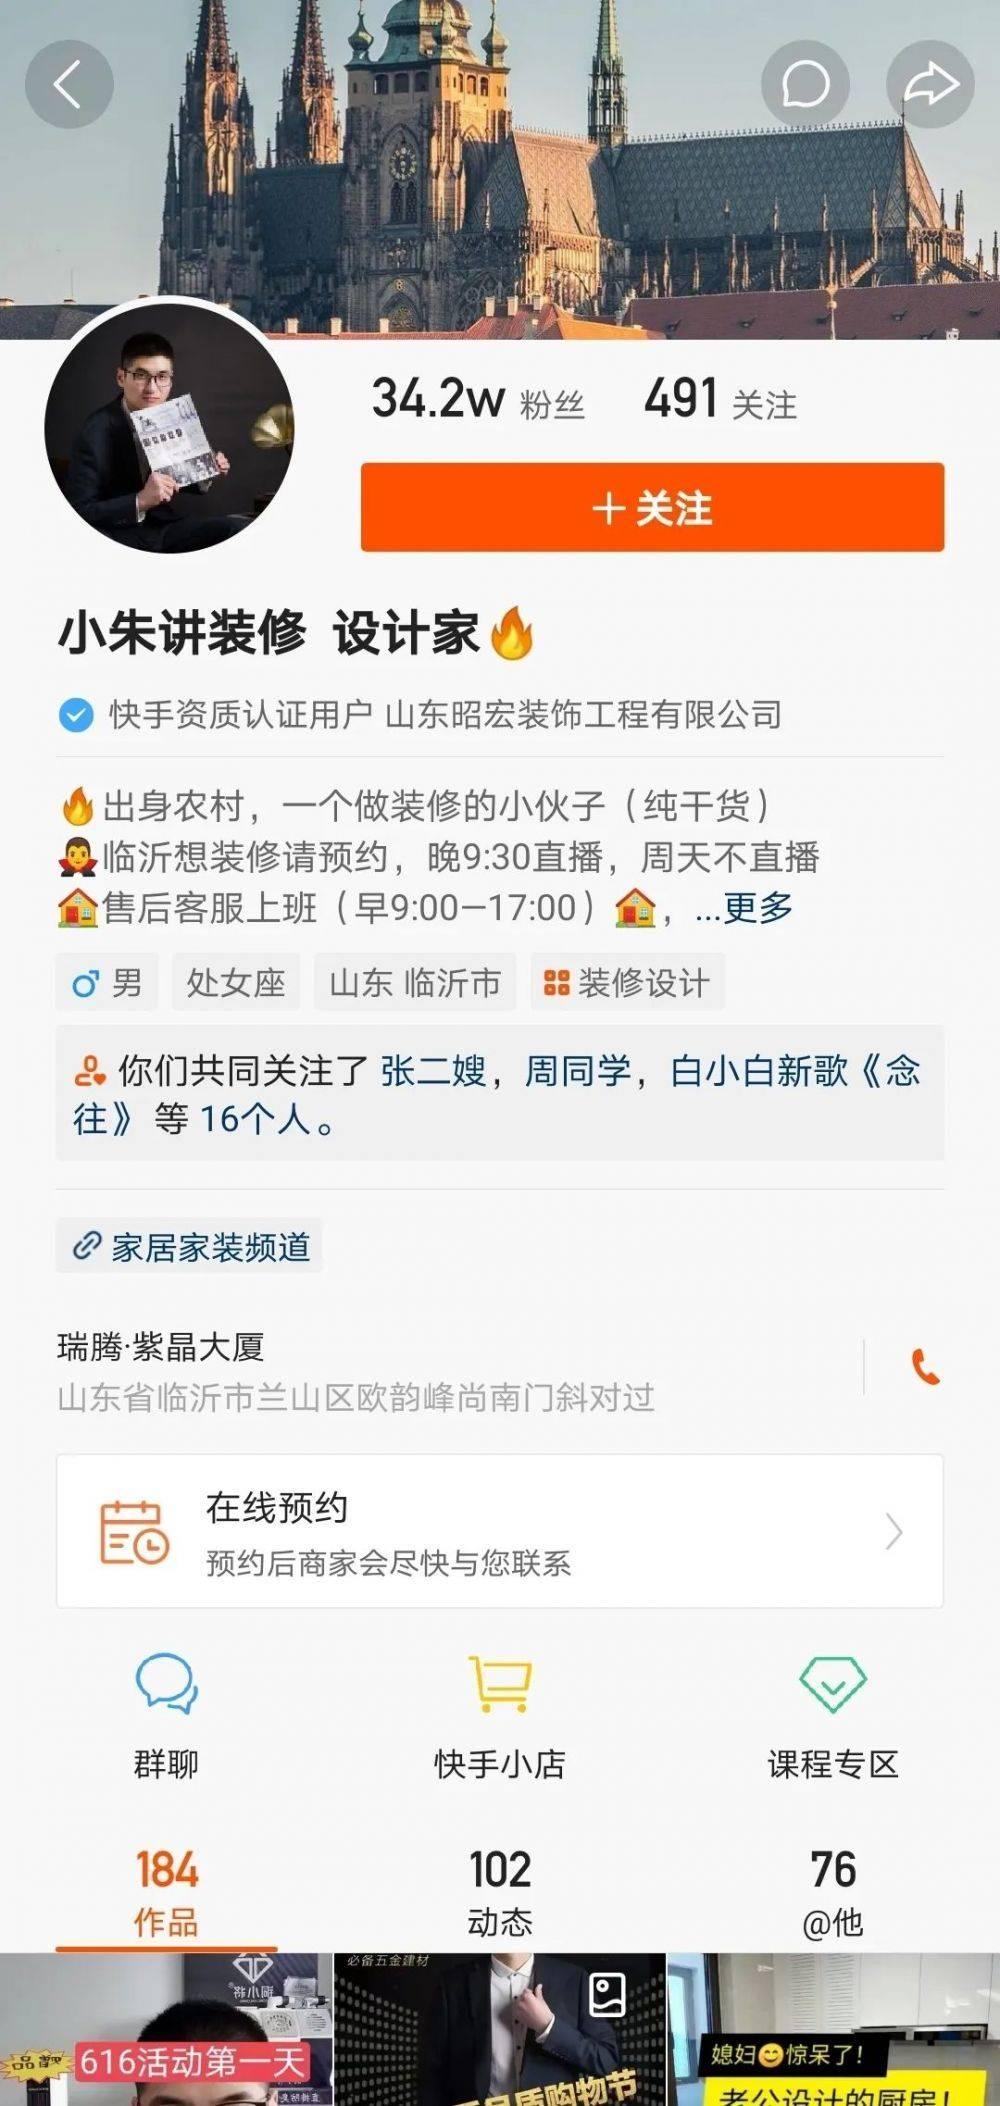 临沂,快手上的一座商家生意城-第8张图片-周小辉<a href='https://www.zhouxiaohui.cn/duanshipin/'>短视频</a>培训博客